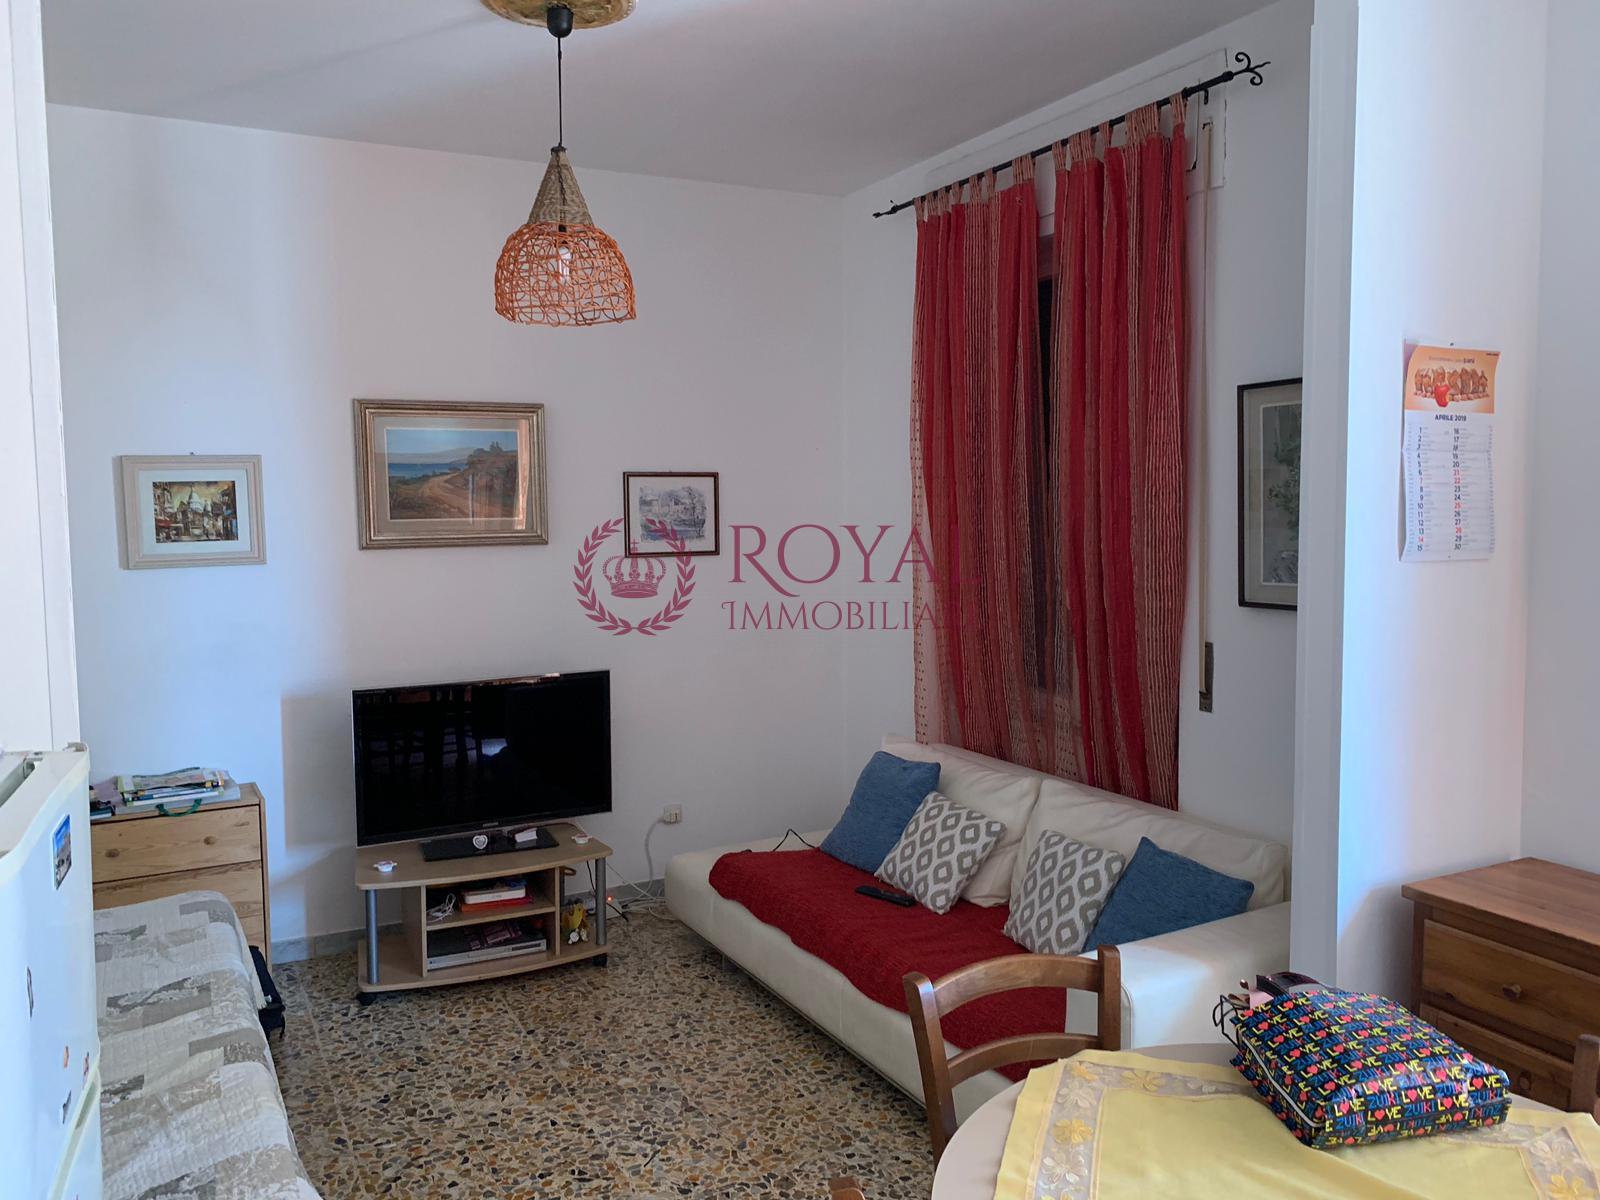 livorno affitto quart: centro storico royal-immobiliare-professional-s.a.s.